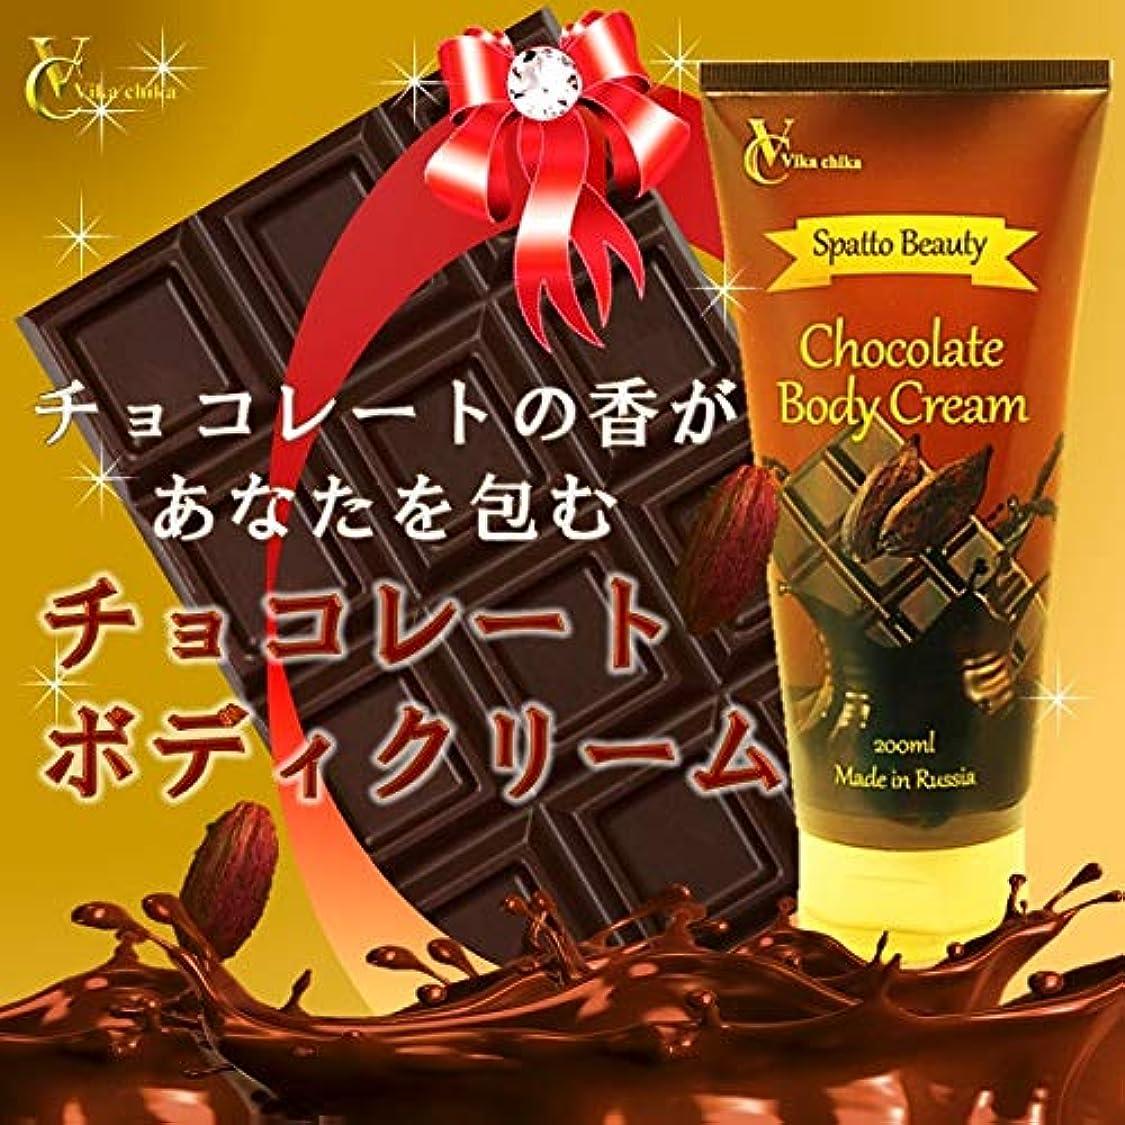 肘不規則なビリービッカチカ スパッと ビューティ チョコレートボディクリーム 200ml